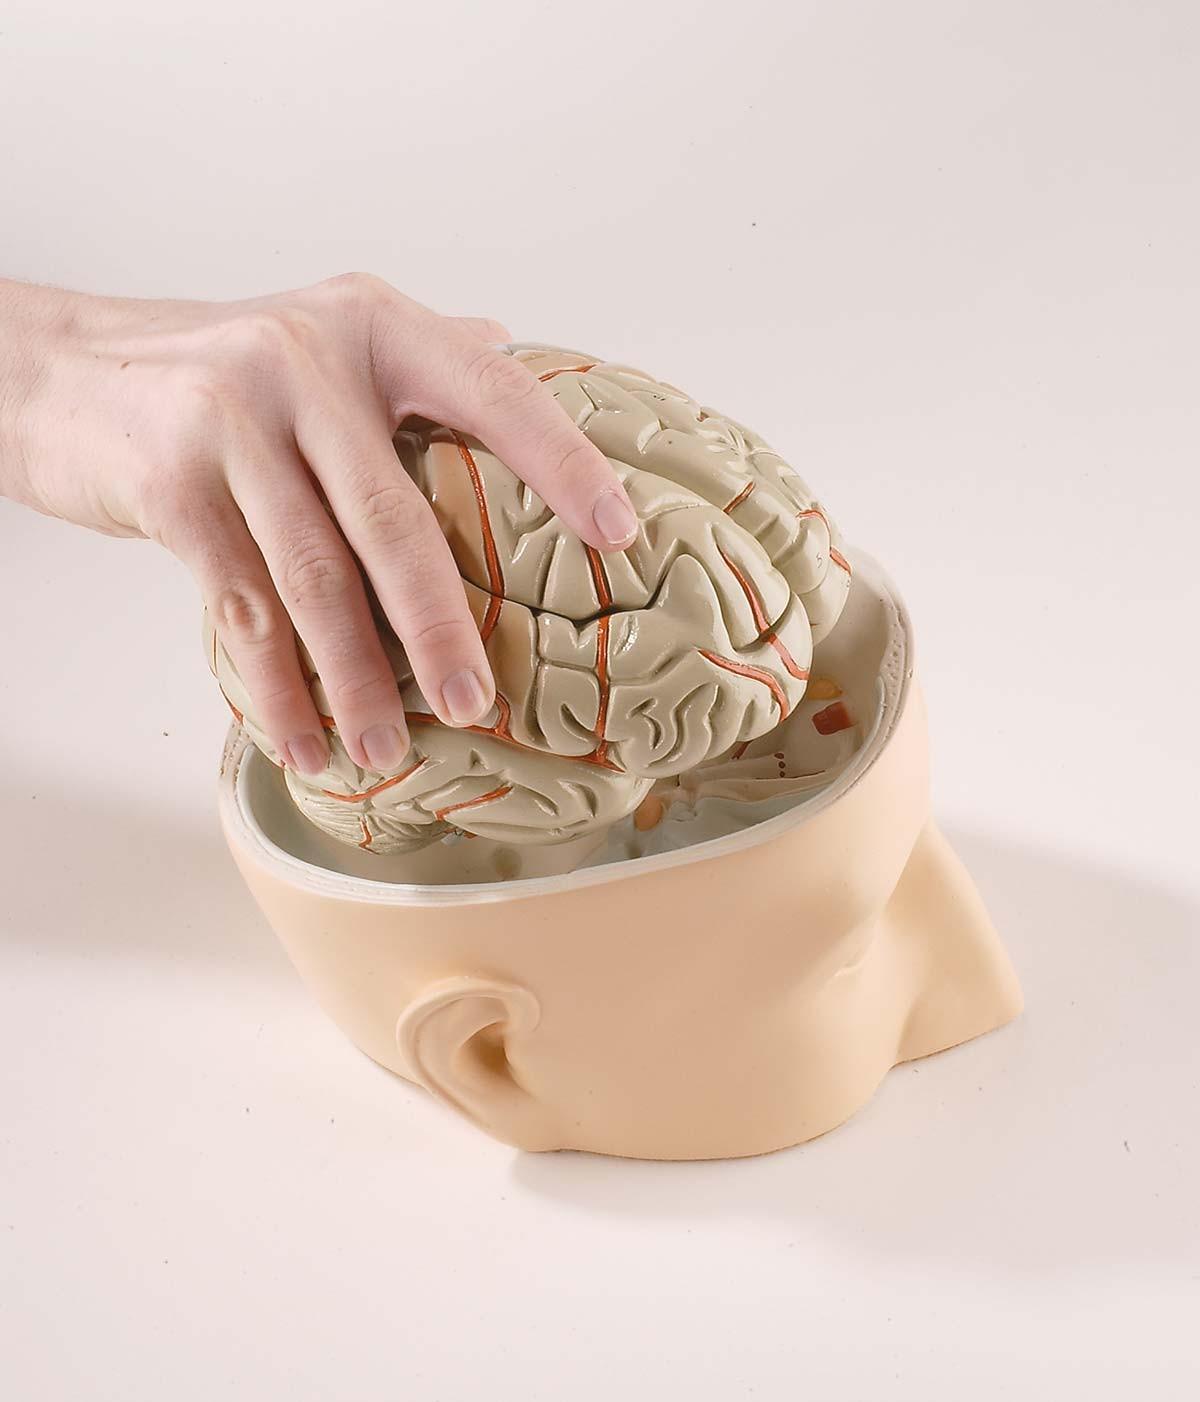 Kopfbasis mit 7-teiligem Gehirn 1